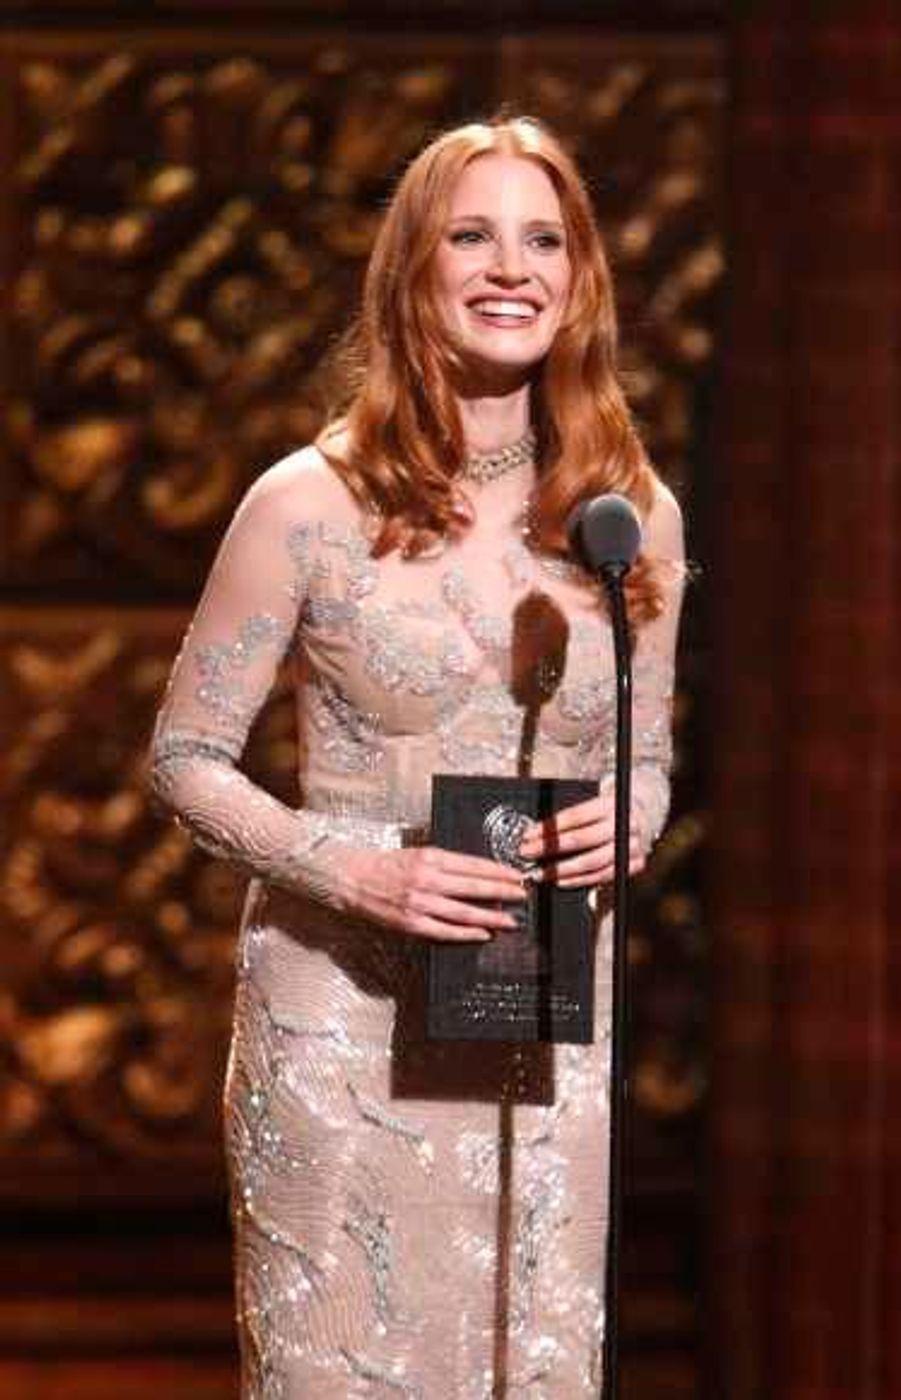 """L'actrice, qui a remis un prix, sera à la rentrée sur les planches avec une nouvelle version de la pièce """"The Heiress""""."""